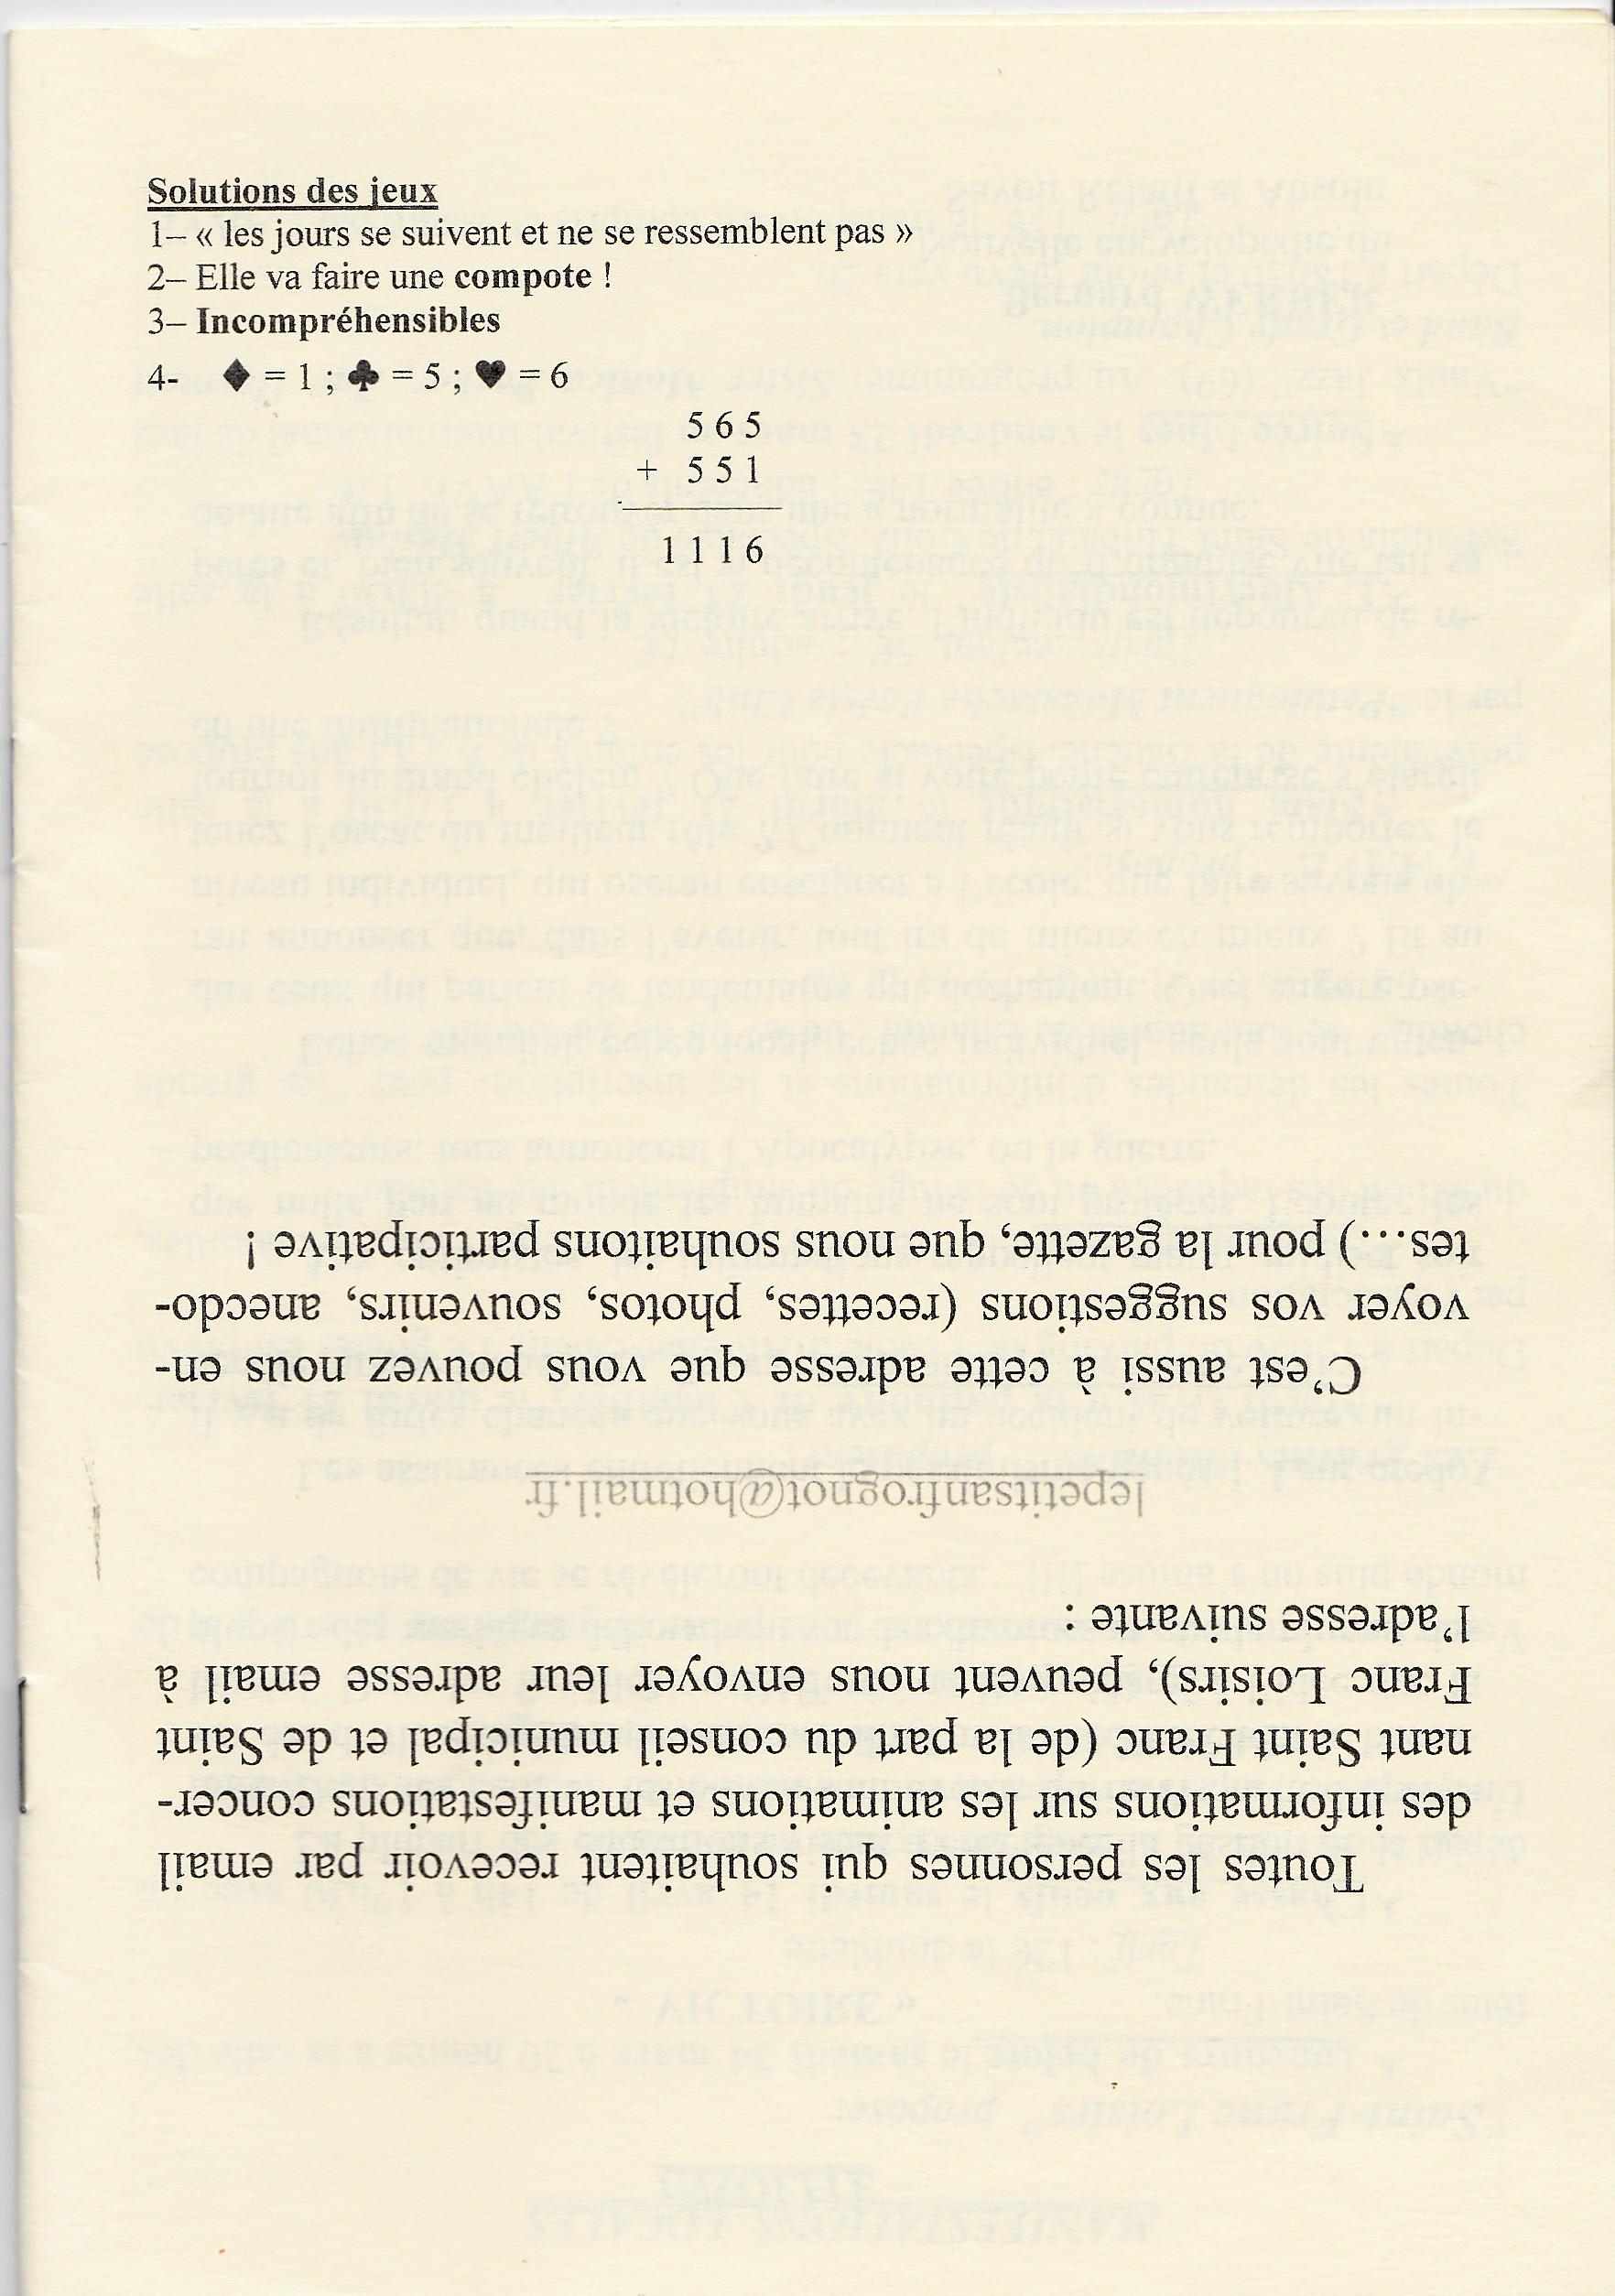 LPS n° 11 Page 16bis